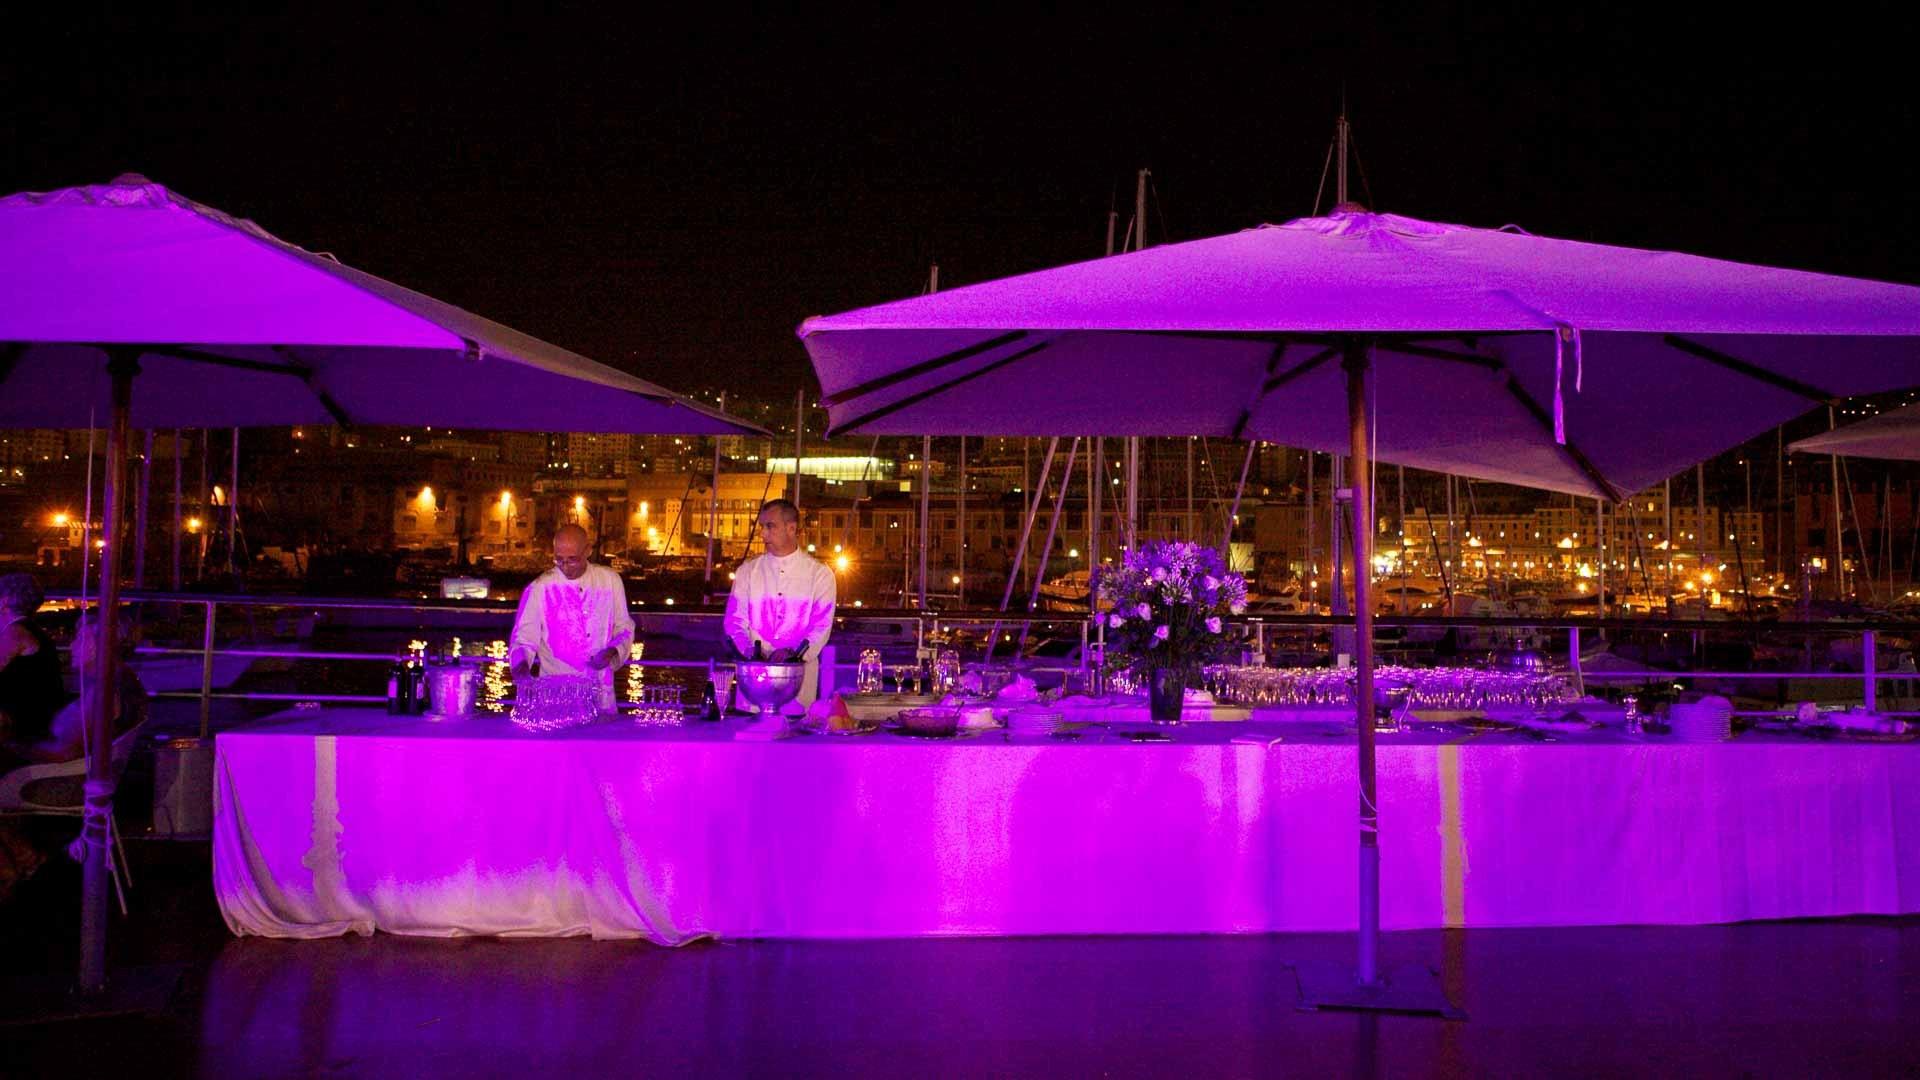 Acquario di Genova evento aziendale all'aperto vista del tavolo per il buffet degli apertivi allestito sulla tonda illuminato da luce viola